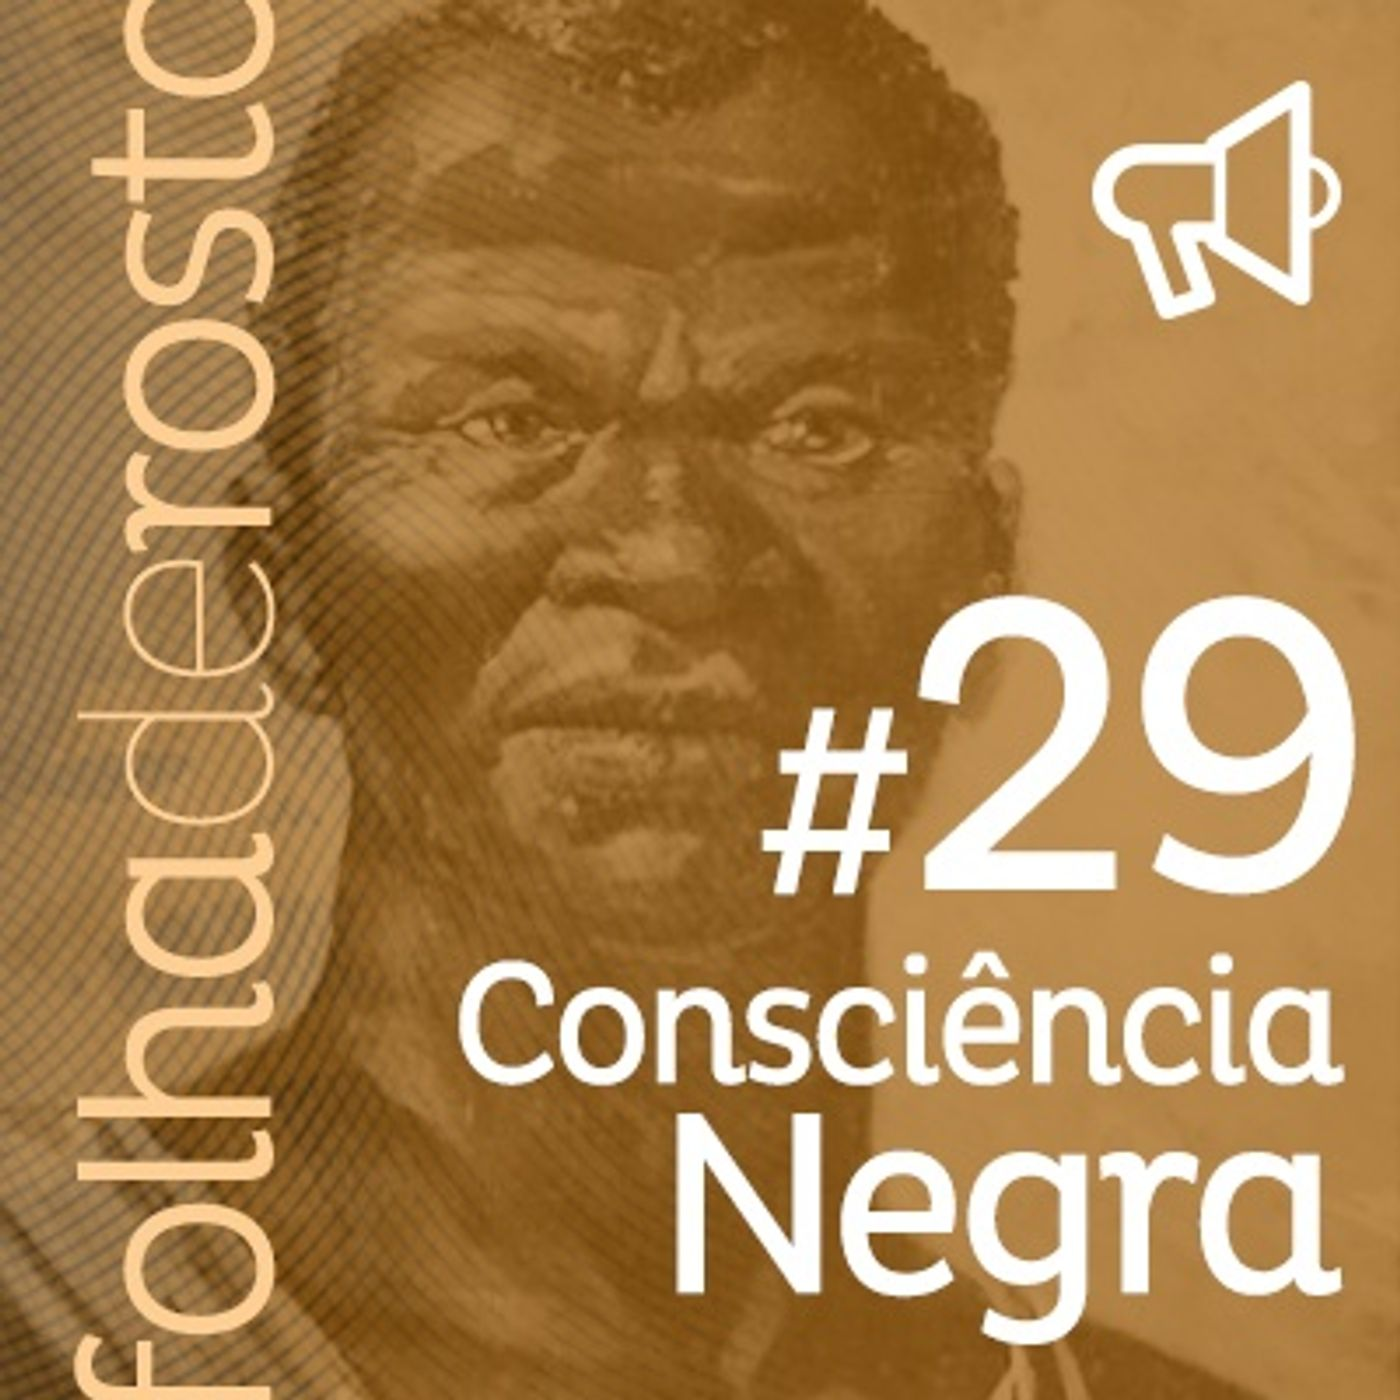 #29 - Consciência Negra